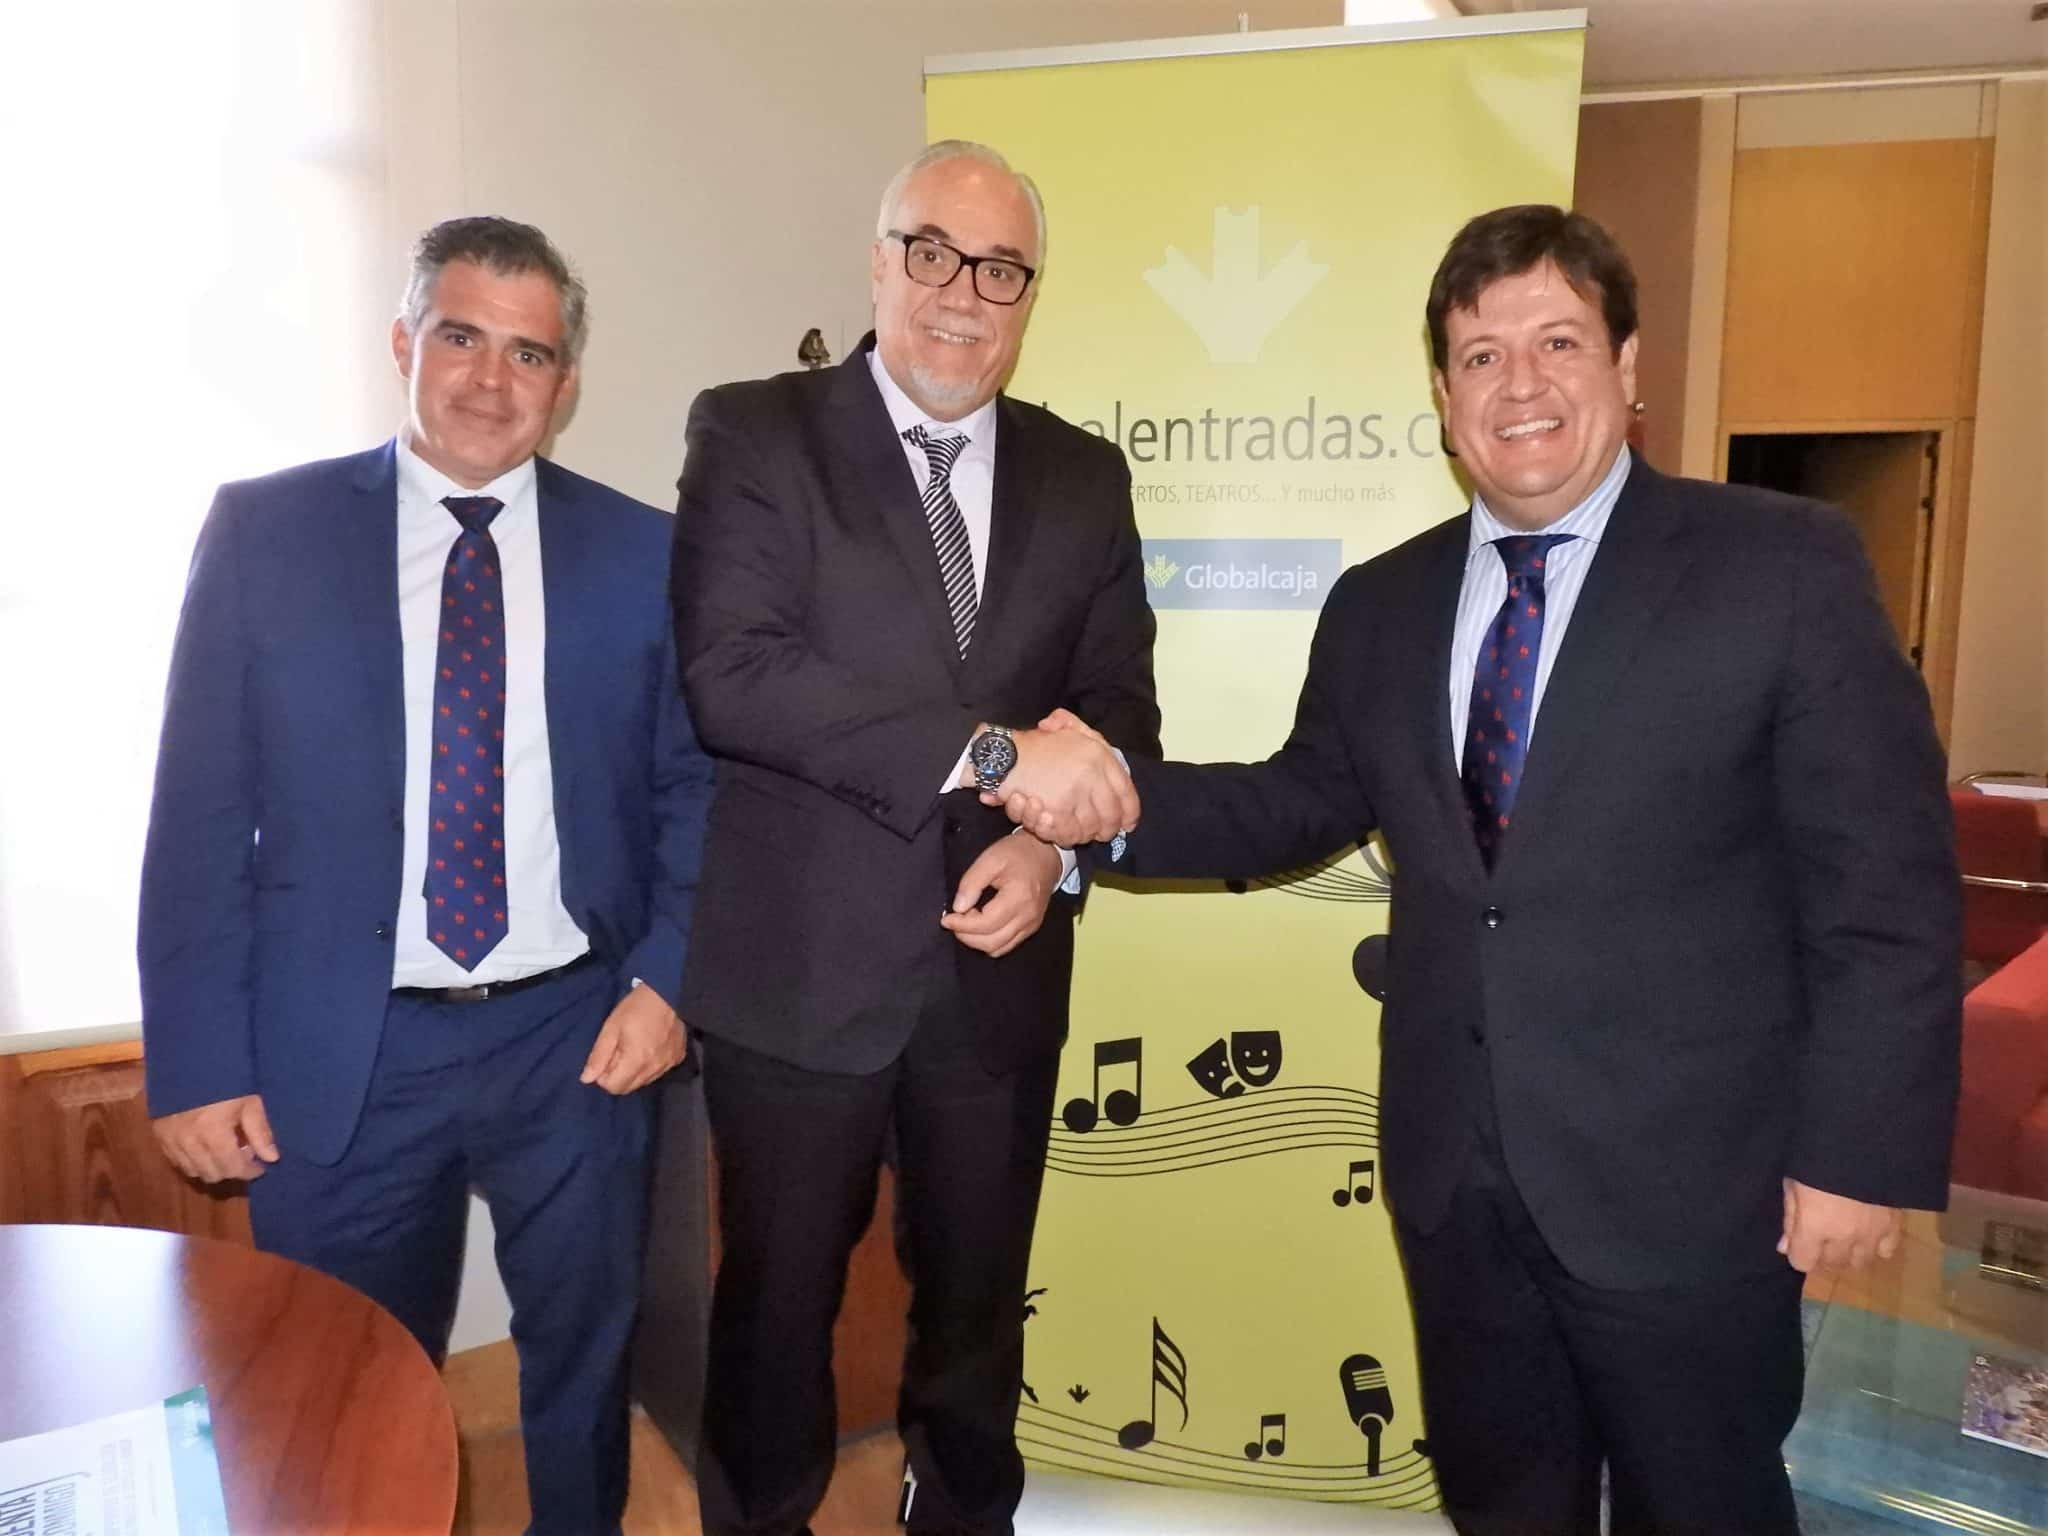 Ayuntamiento de Manzanares y Globalcaja renuevan su compromiso para la venta online de entradas